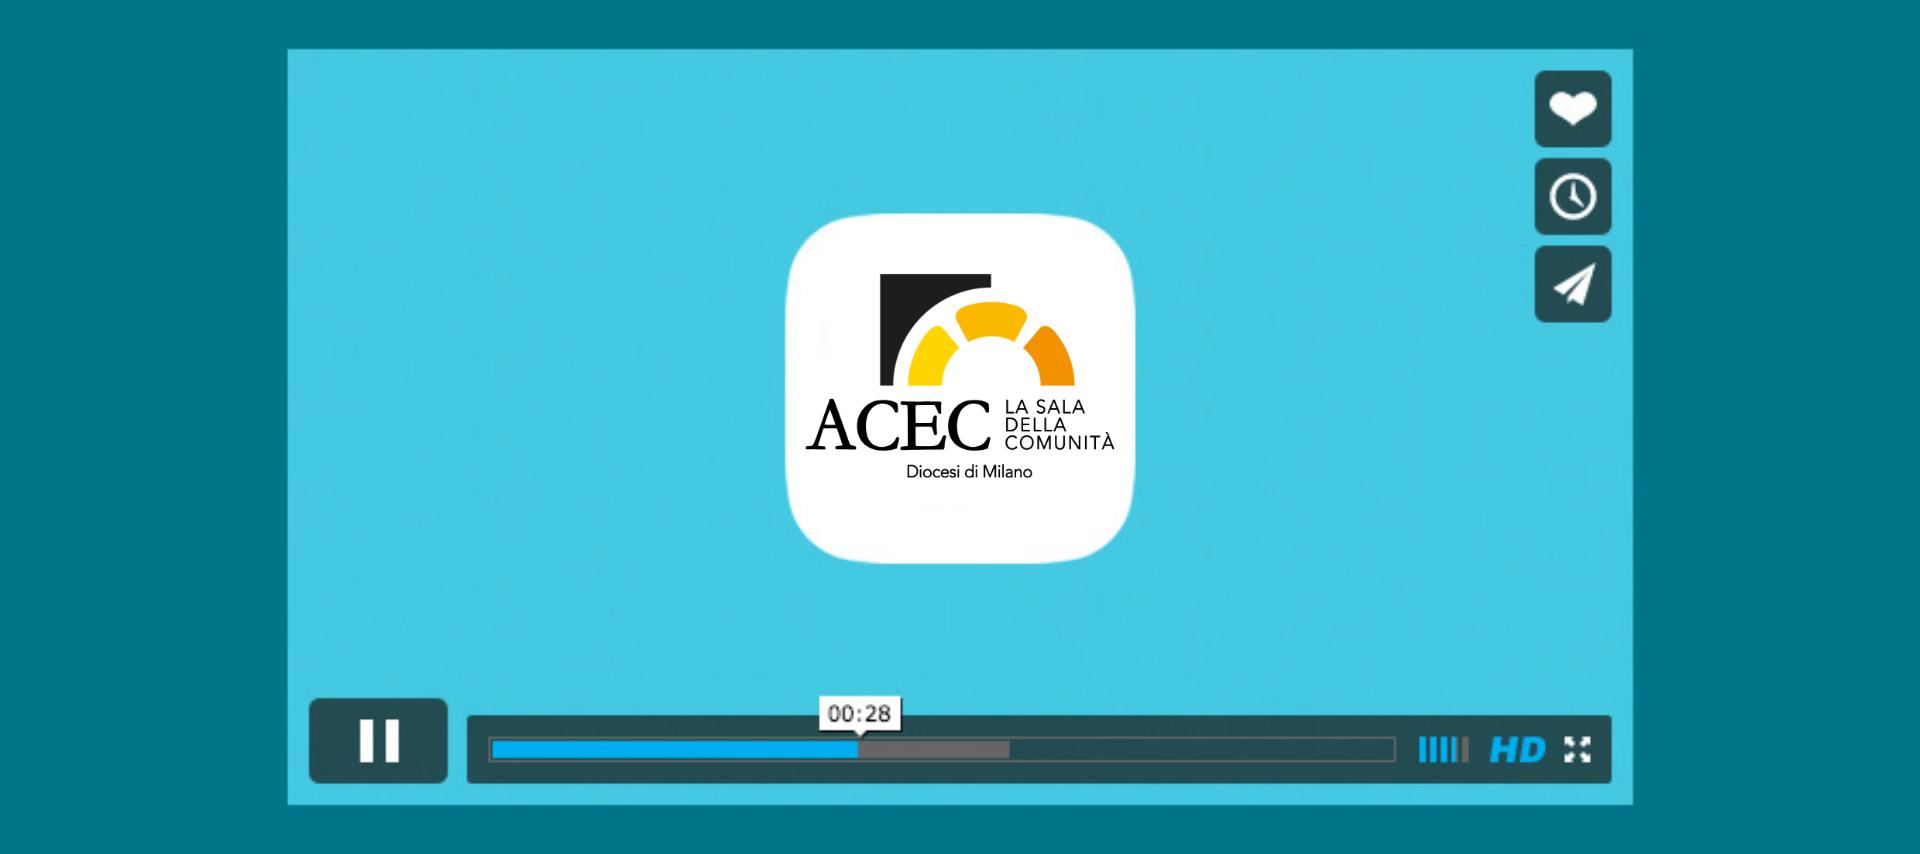 ACEC digitale